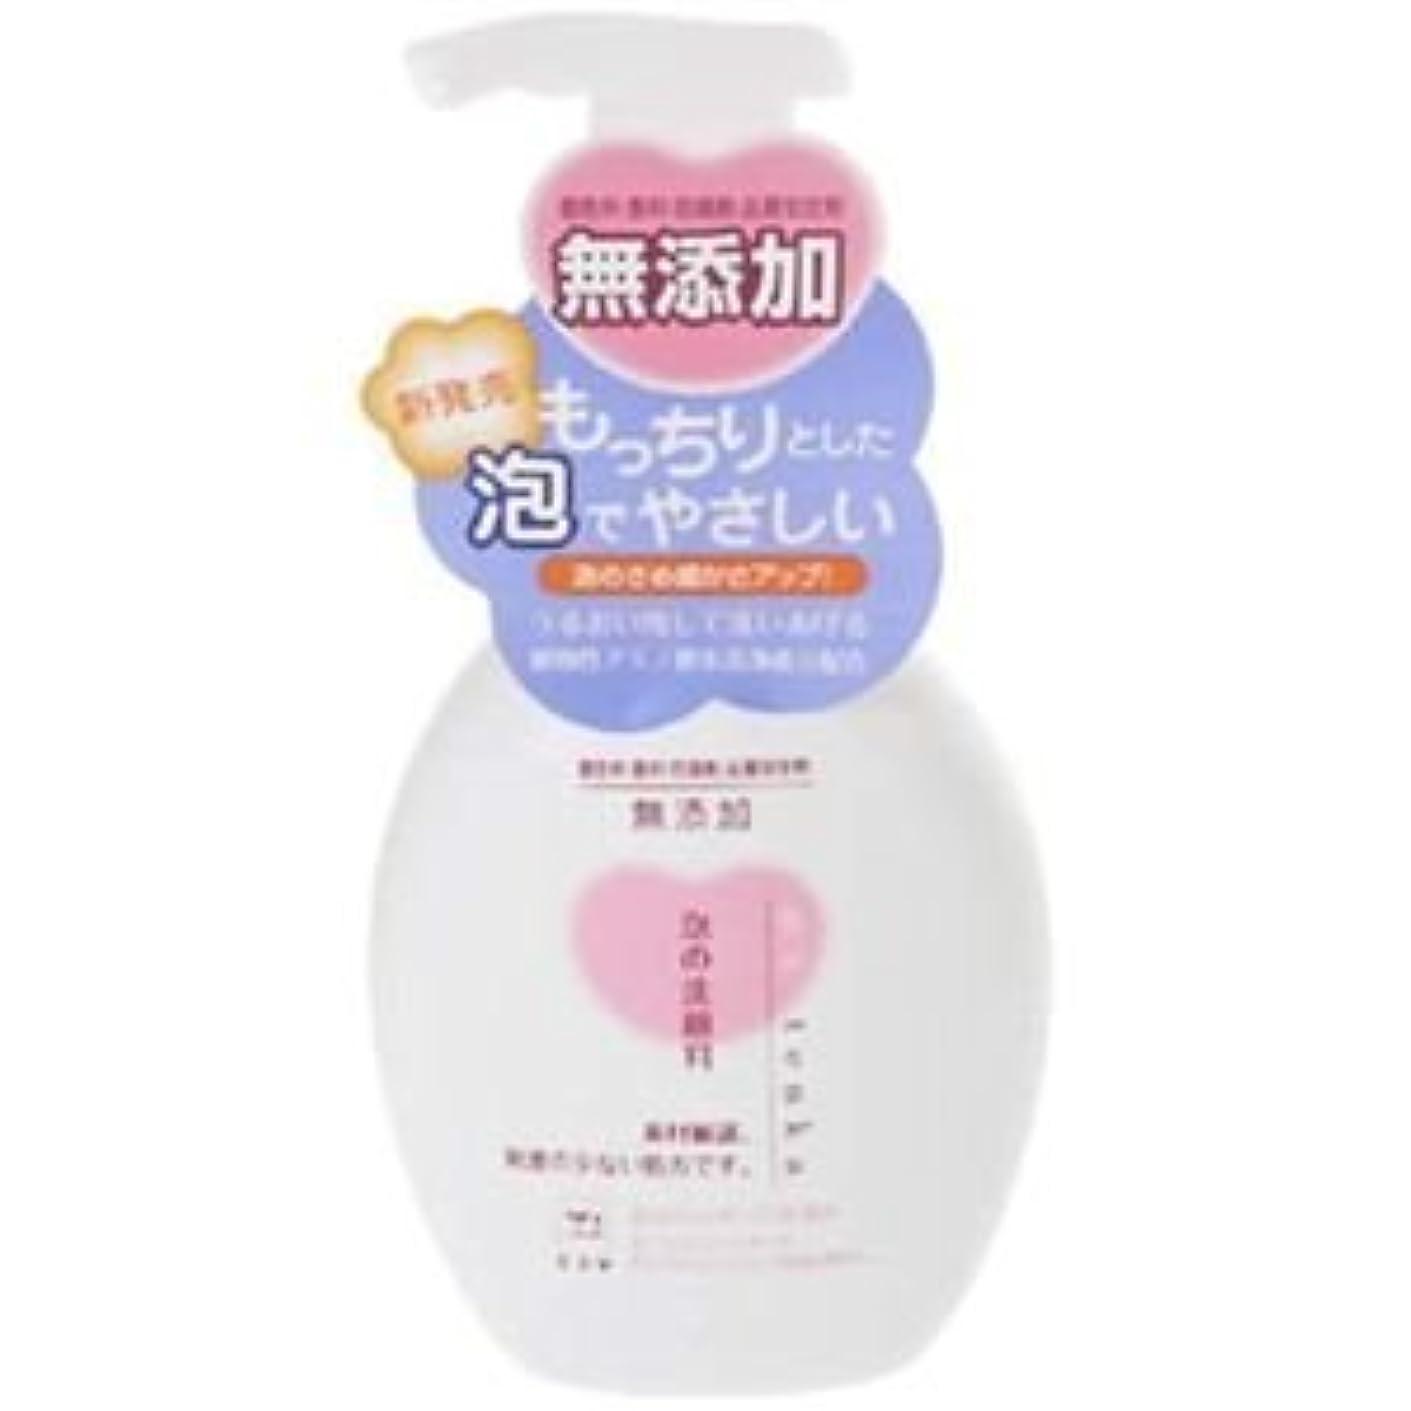 洗剤珍しいストレンジャーカウブランド 無添加 泡の洗顔料 ポンプ 200ml 6セット